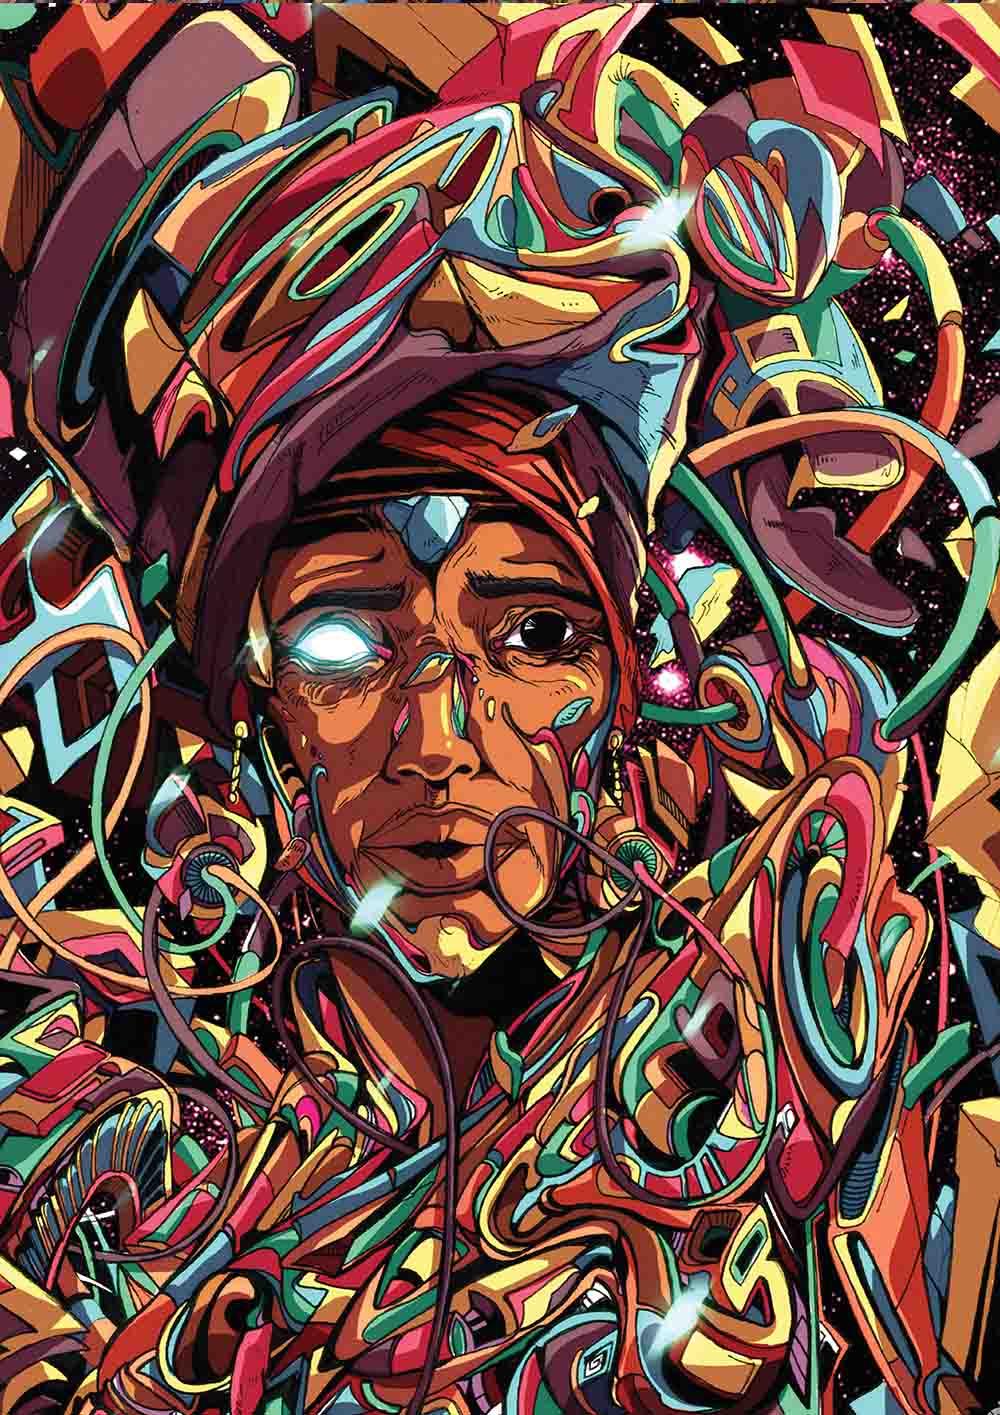 Anda Mncayi, Dreaming-Awake, 2017. A2 Inkjet, True Fibre